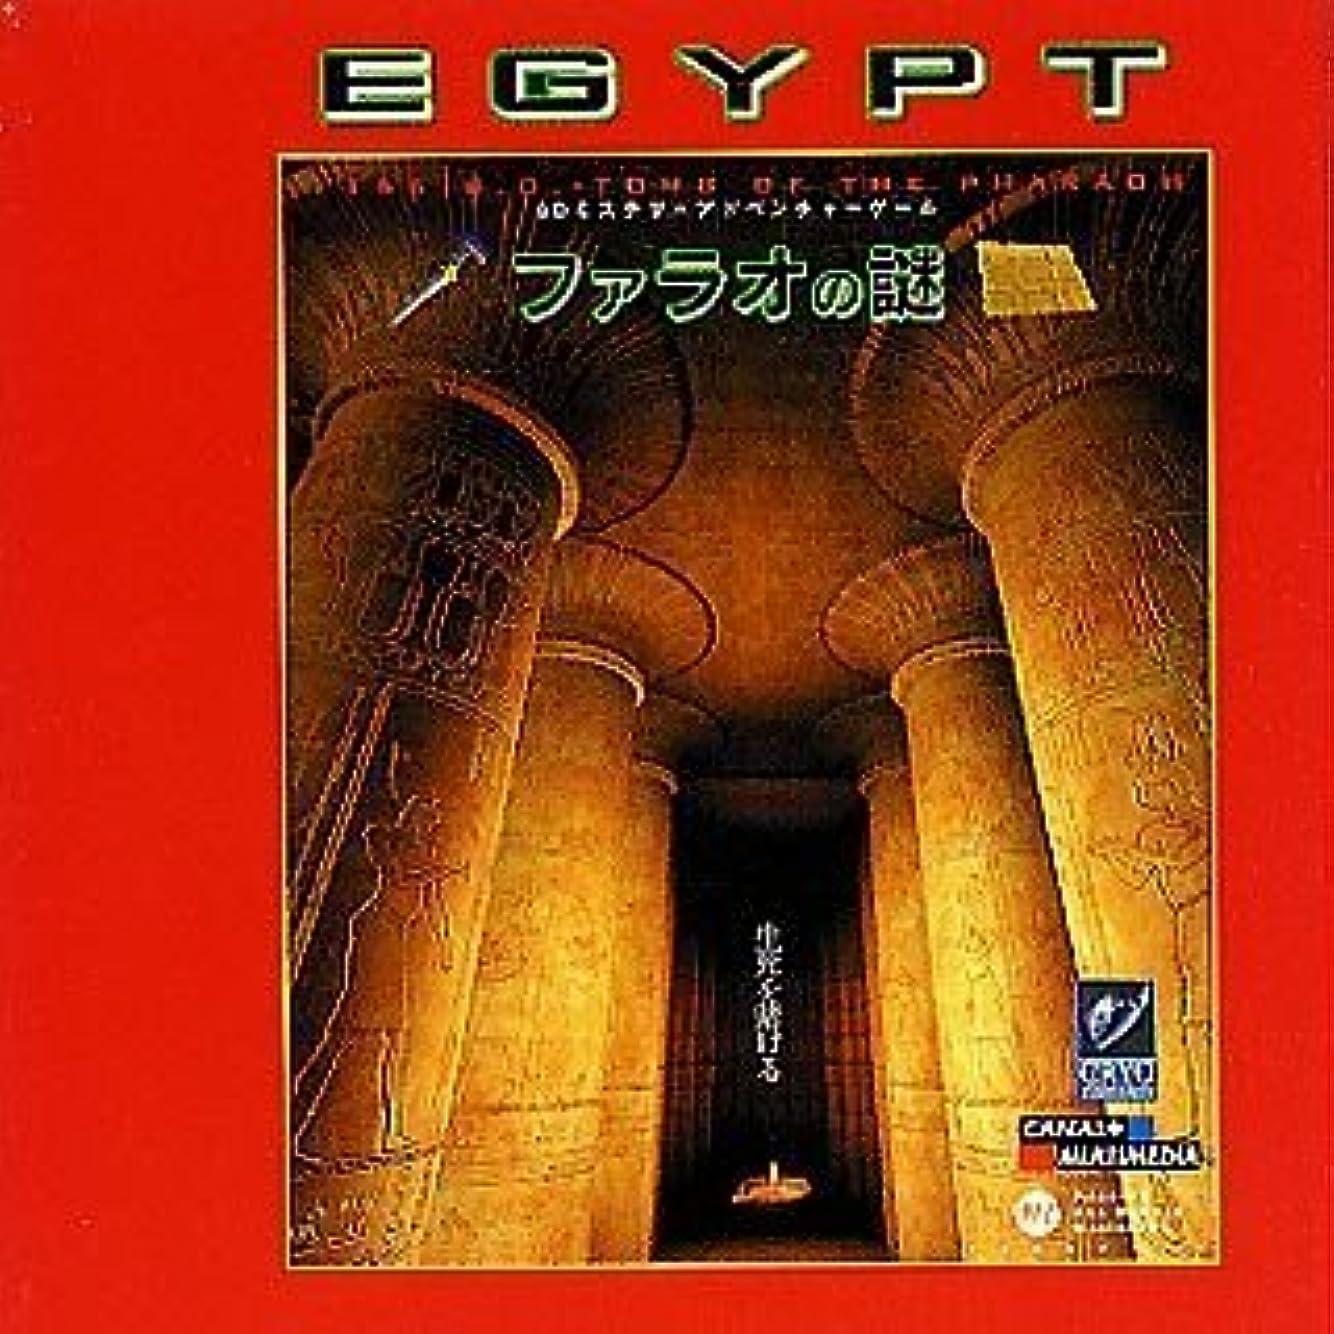 上流のビデオ衝撃エジプト~ファラオの謎~(GREATシリーズ)